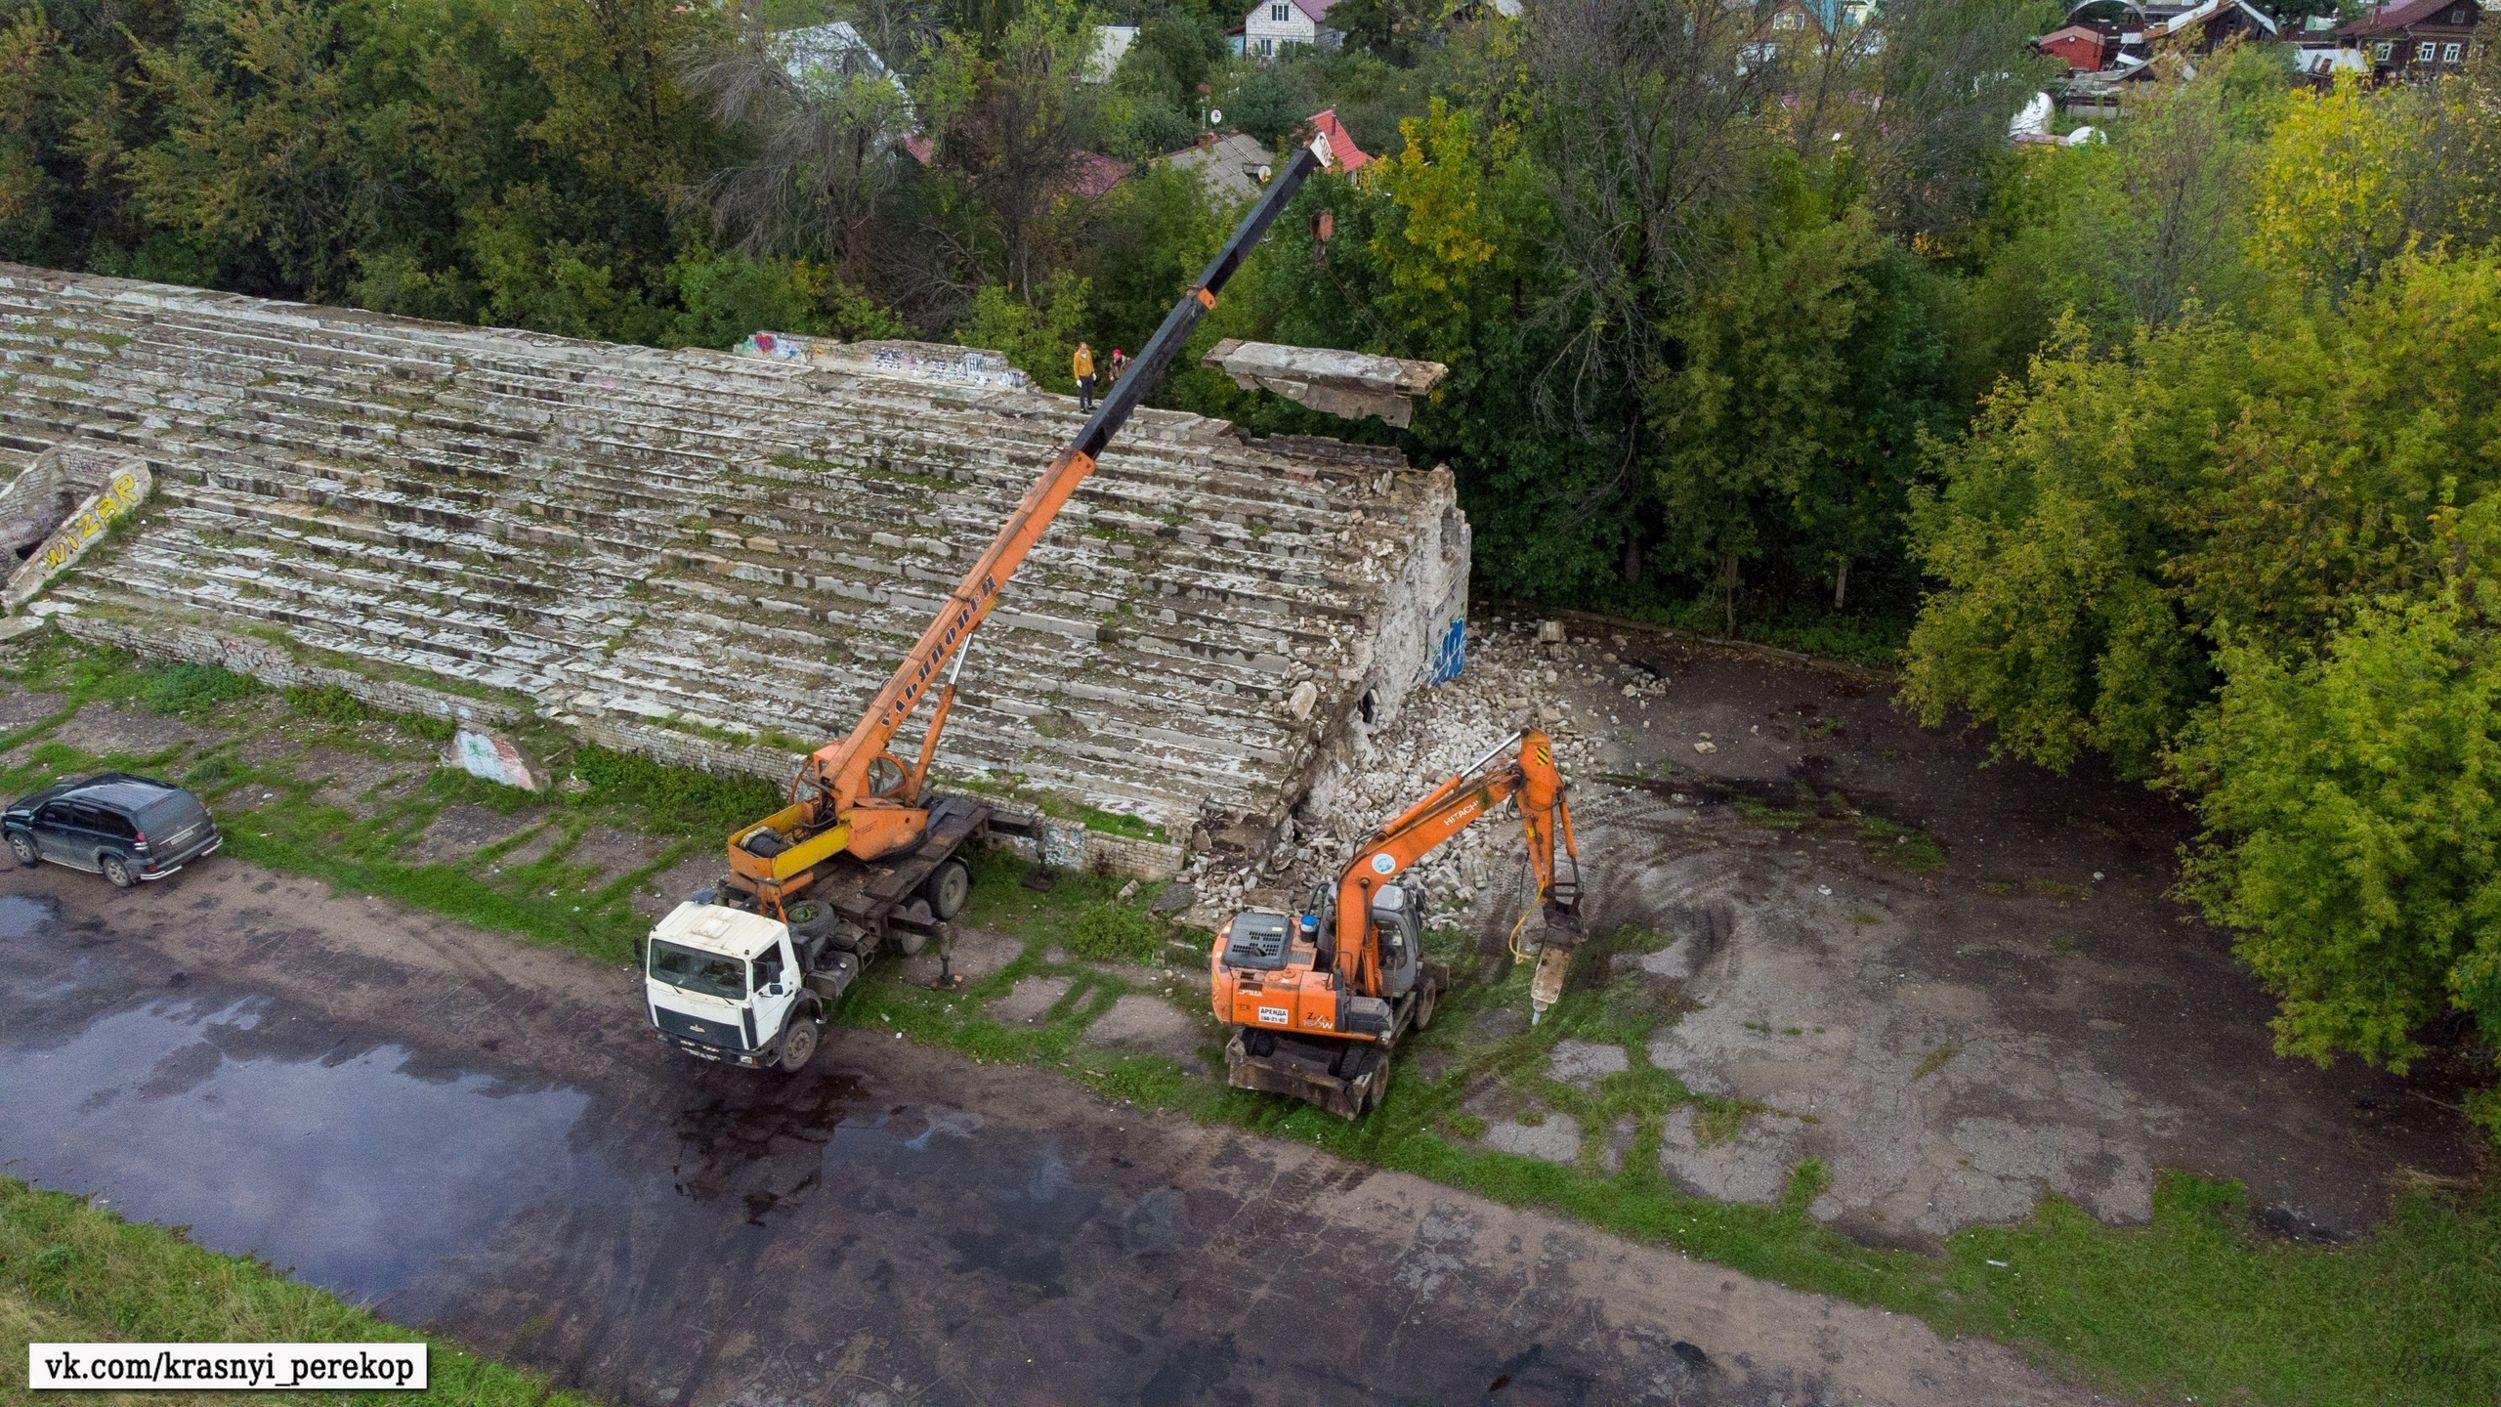 В Ярославле начали сносить трибуну стадиона «Красный Перекоп»: что построят на ее месте